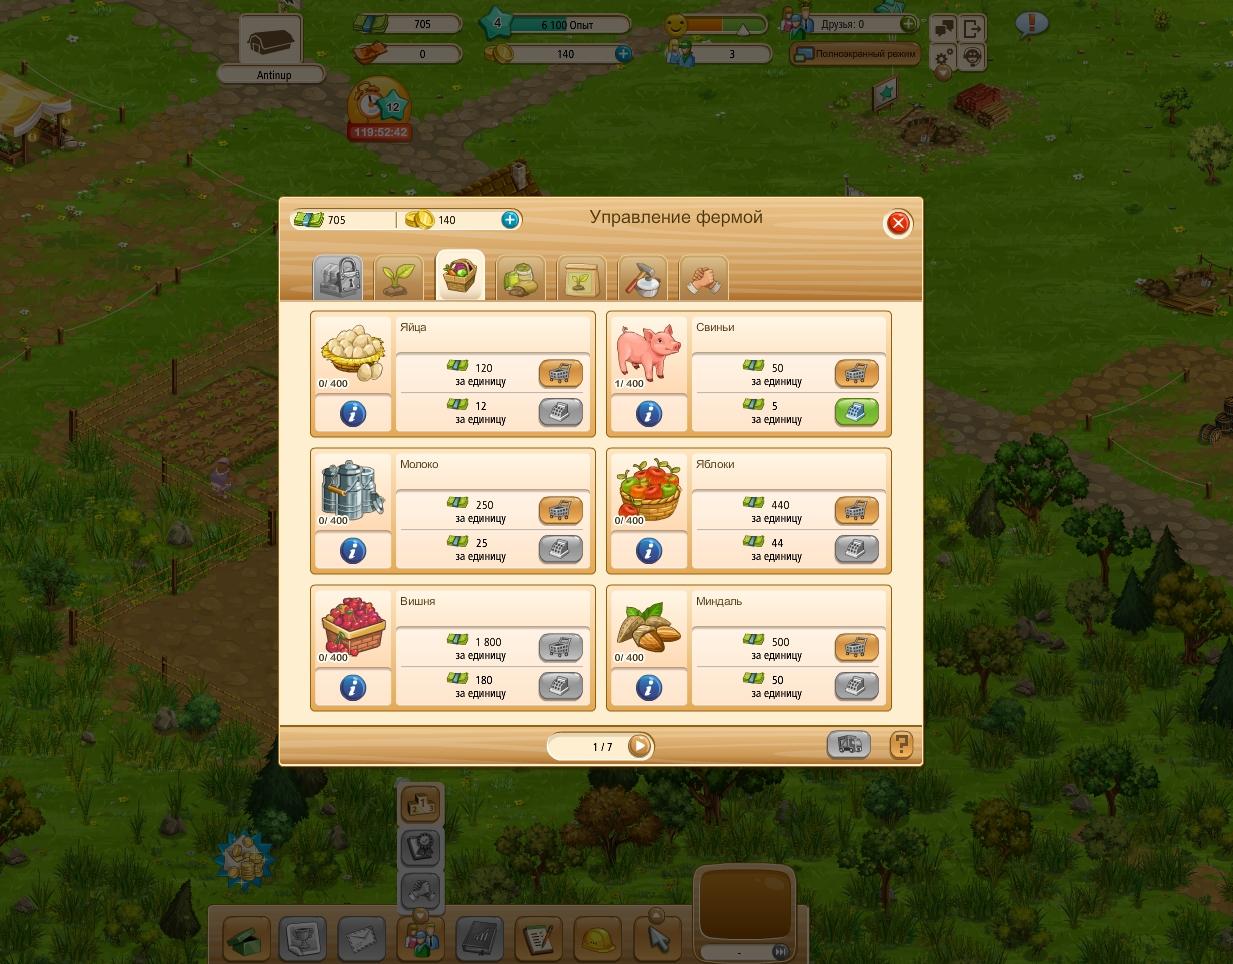 Продукцию фермы можно продавать, обменивая на внутриигровую валюту